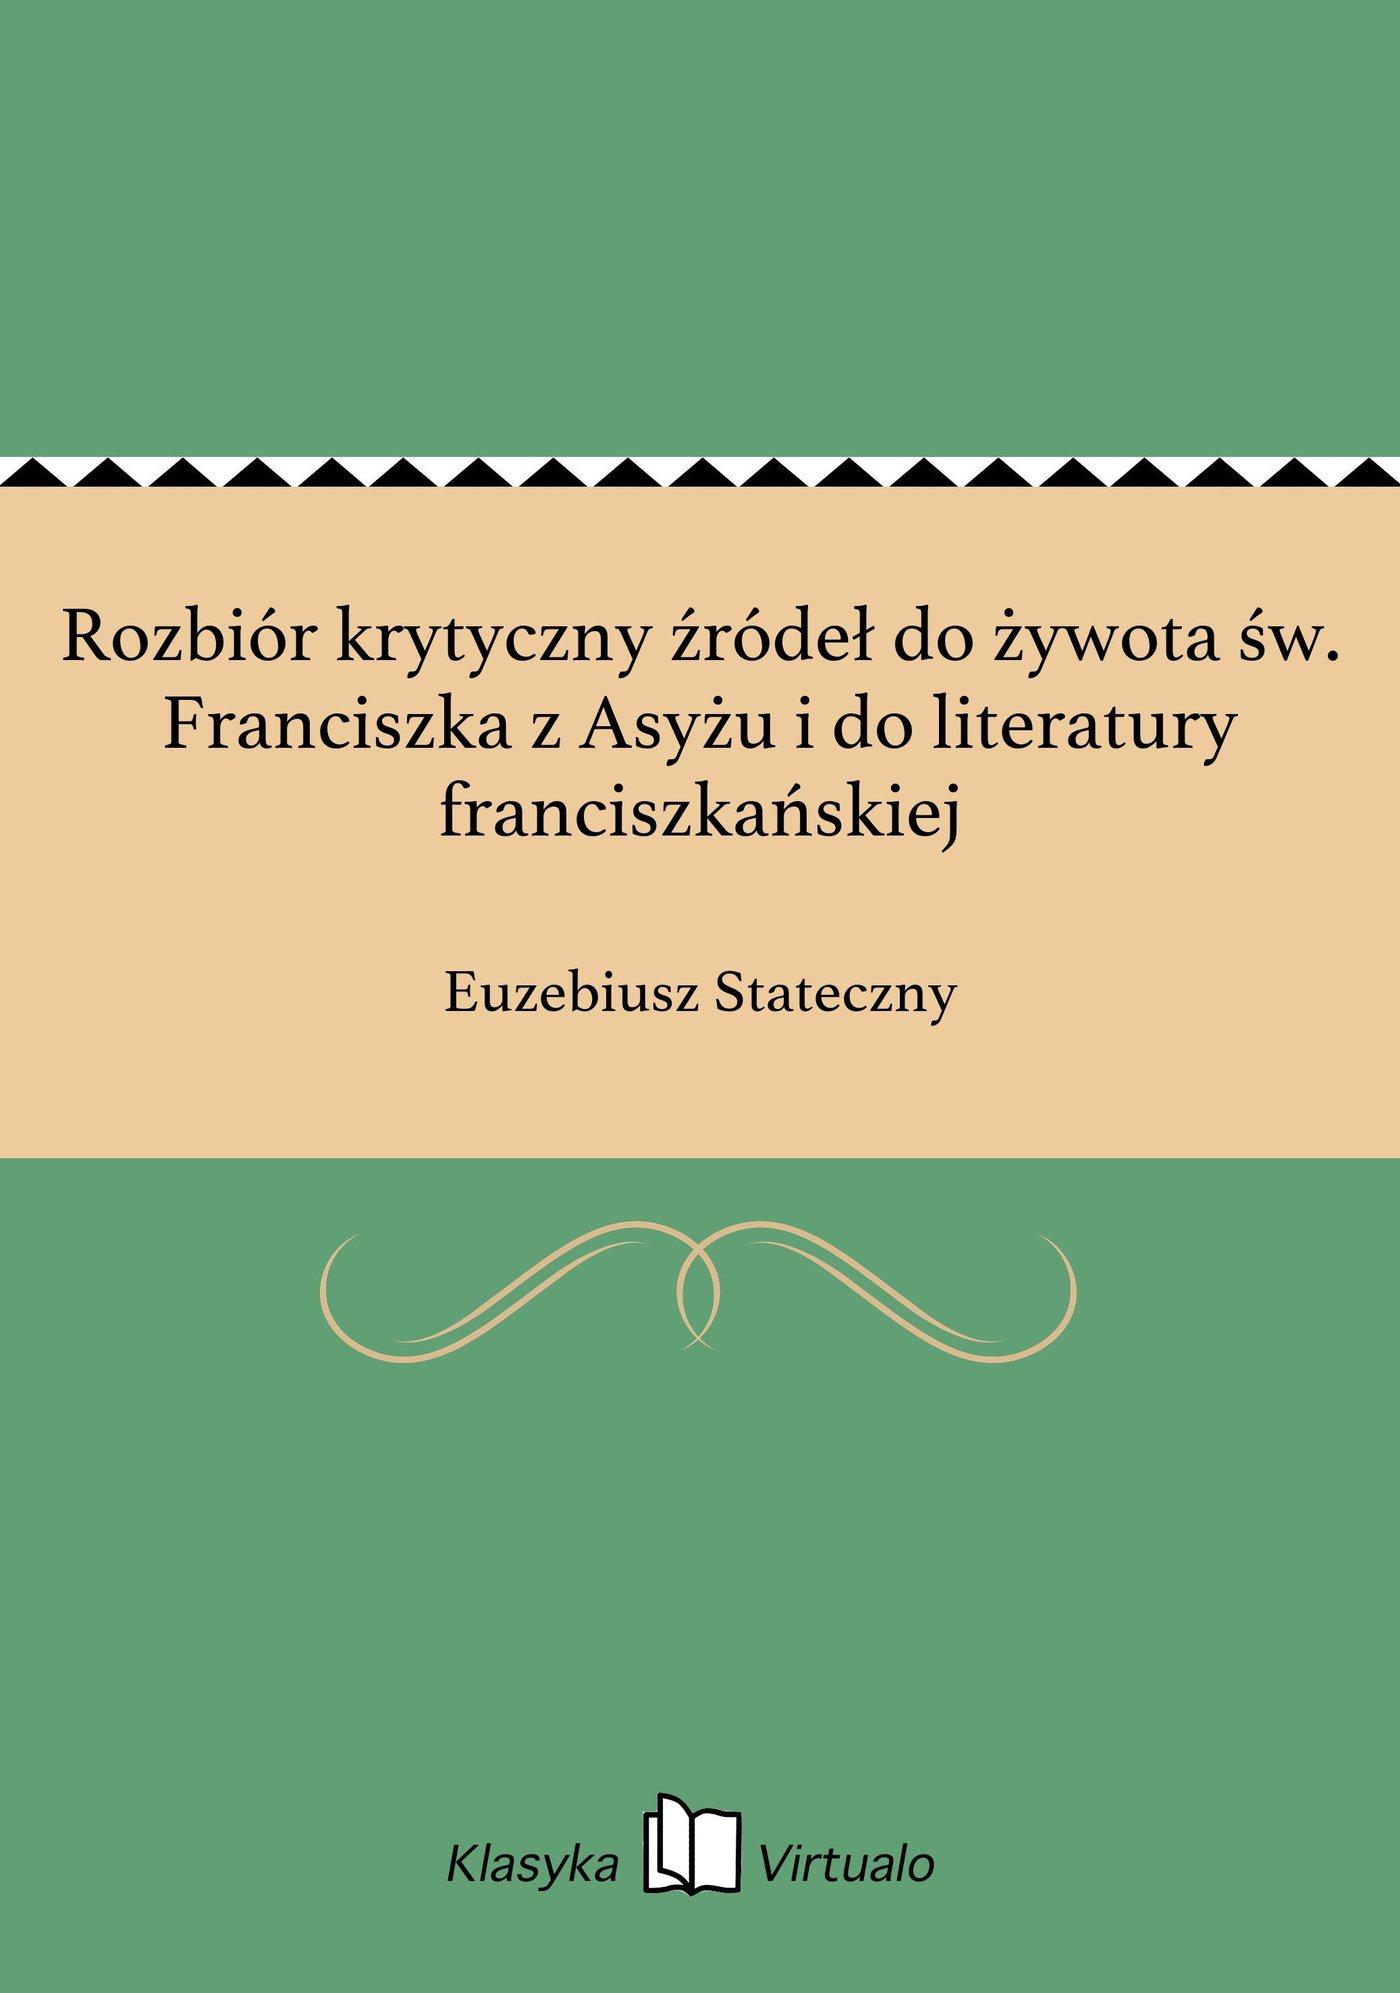 Rozbiór krytyczny źródeł do żywota św. Franciszka z Asyżu i do literatury franciszkańskiej - Ebook (Książka EPUB) do pobrania w formacie EPUB